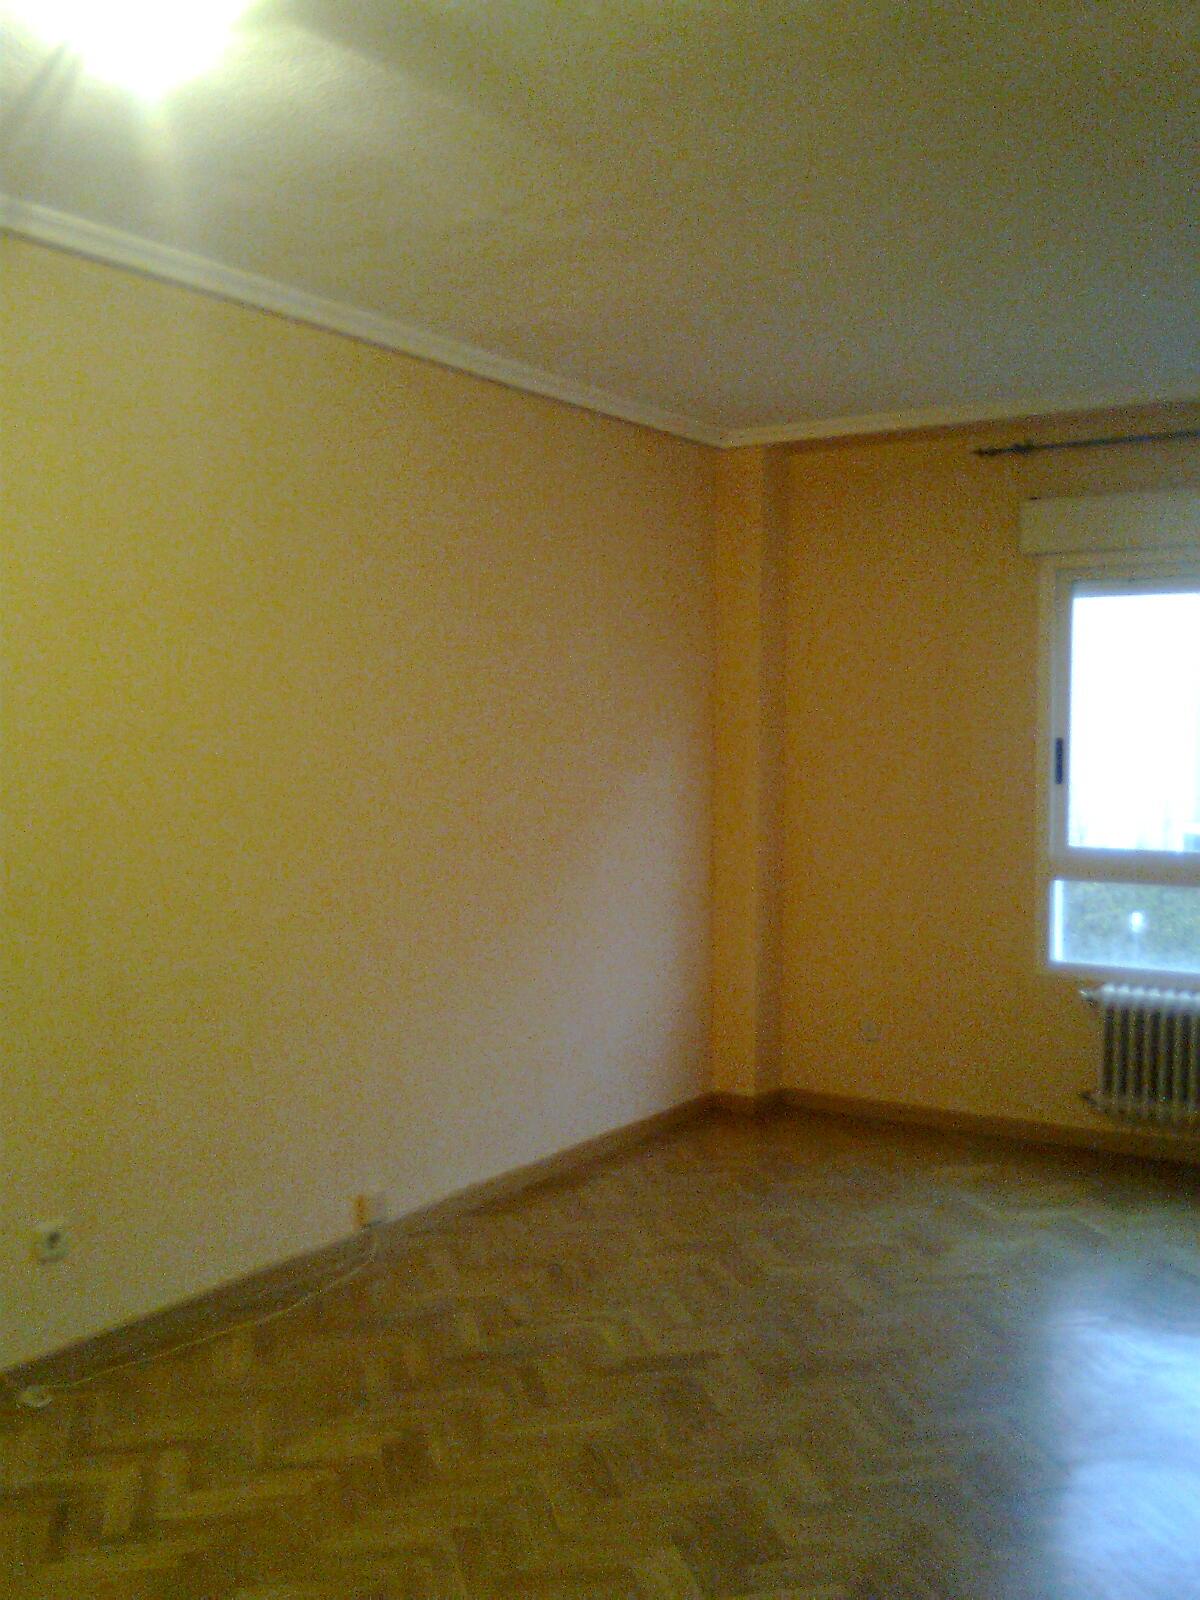 Pintura y decoraci n madrid piso en pl stica color ocre for Pintura color ocre